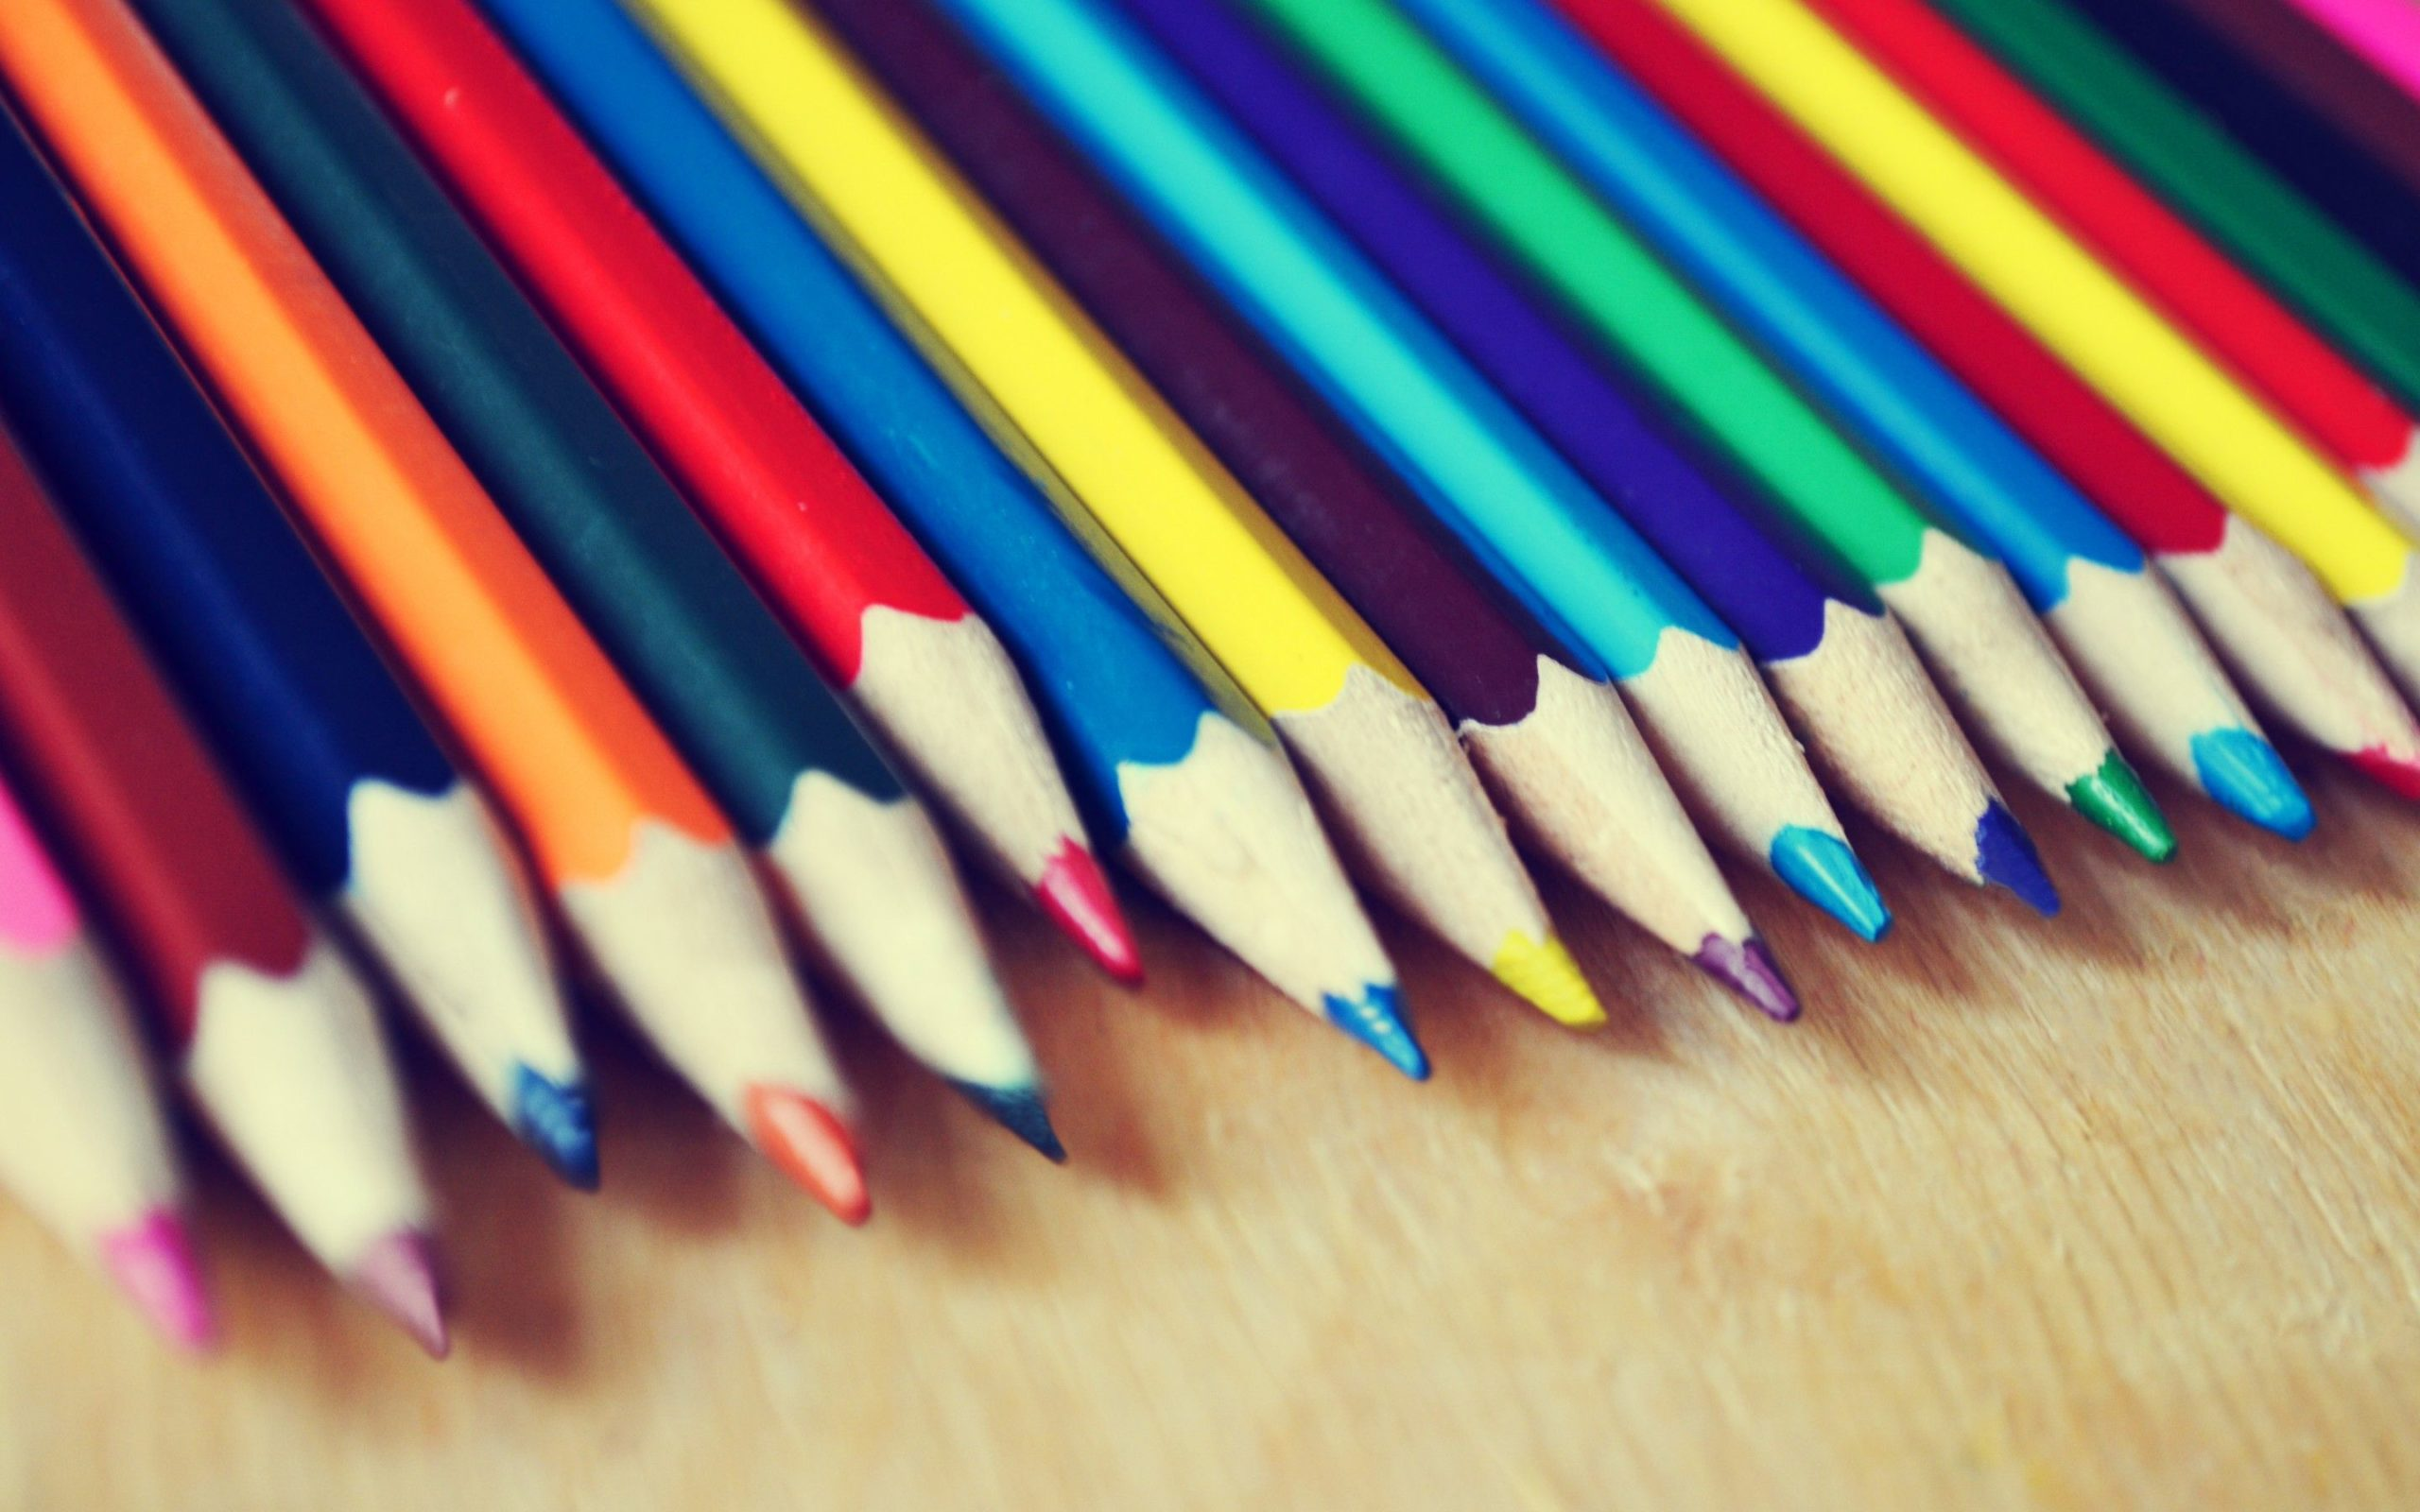 color pencil pictures